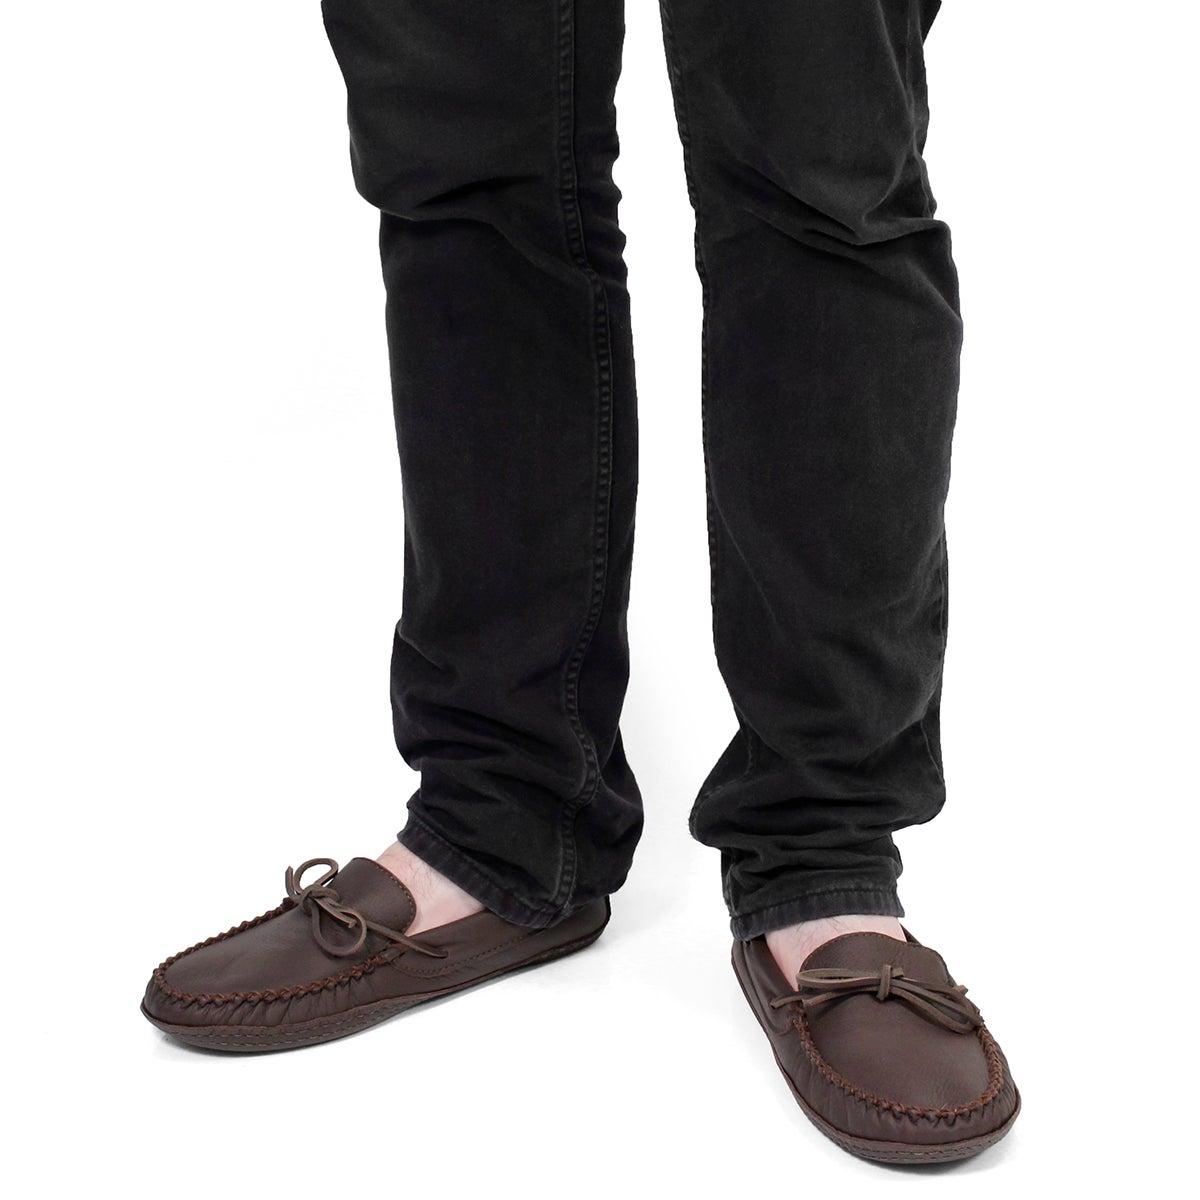 Mns brown deerskin leather dbl sole moc